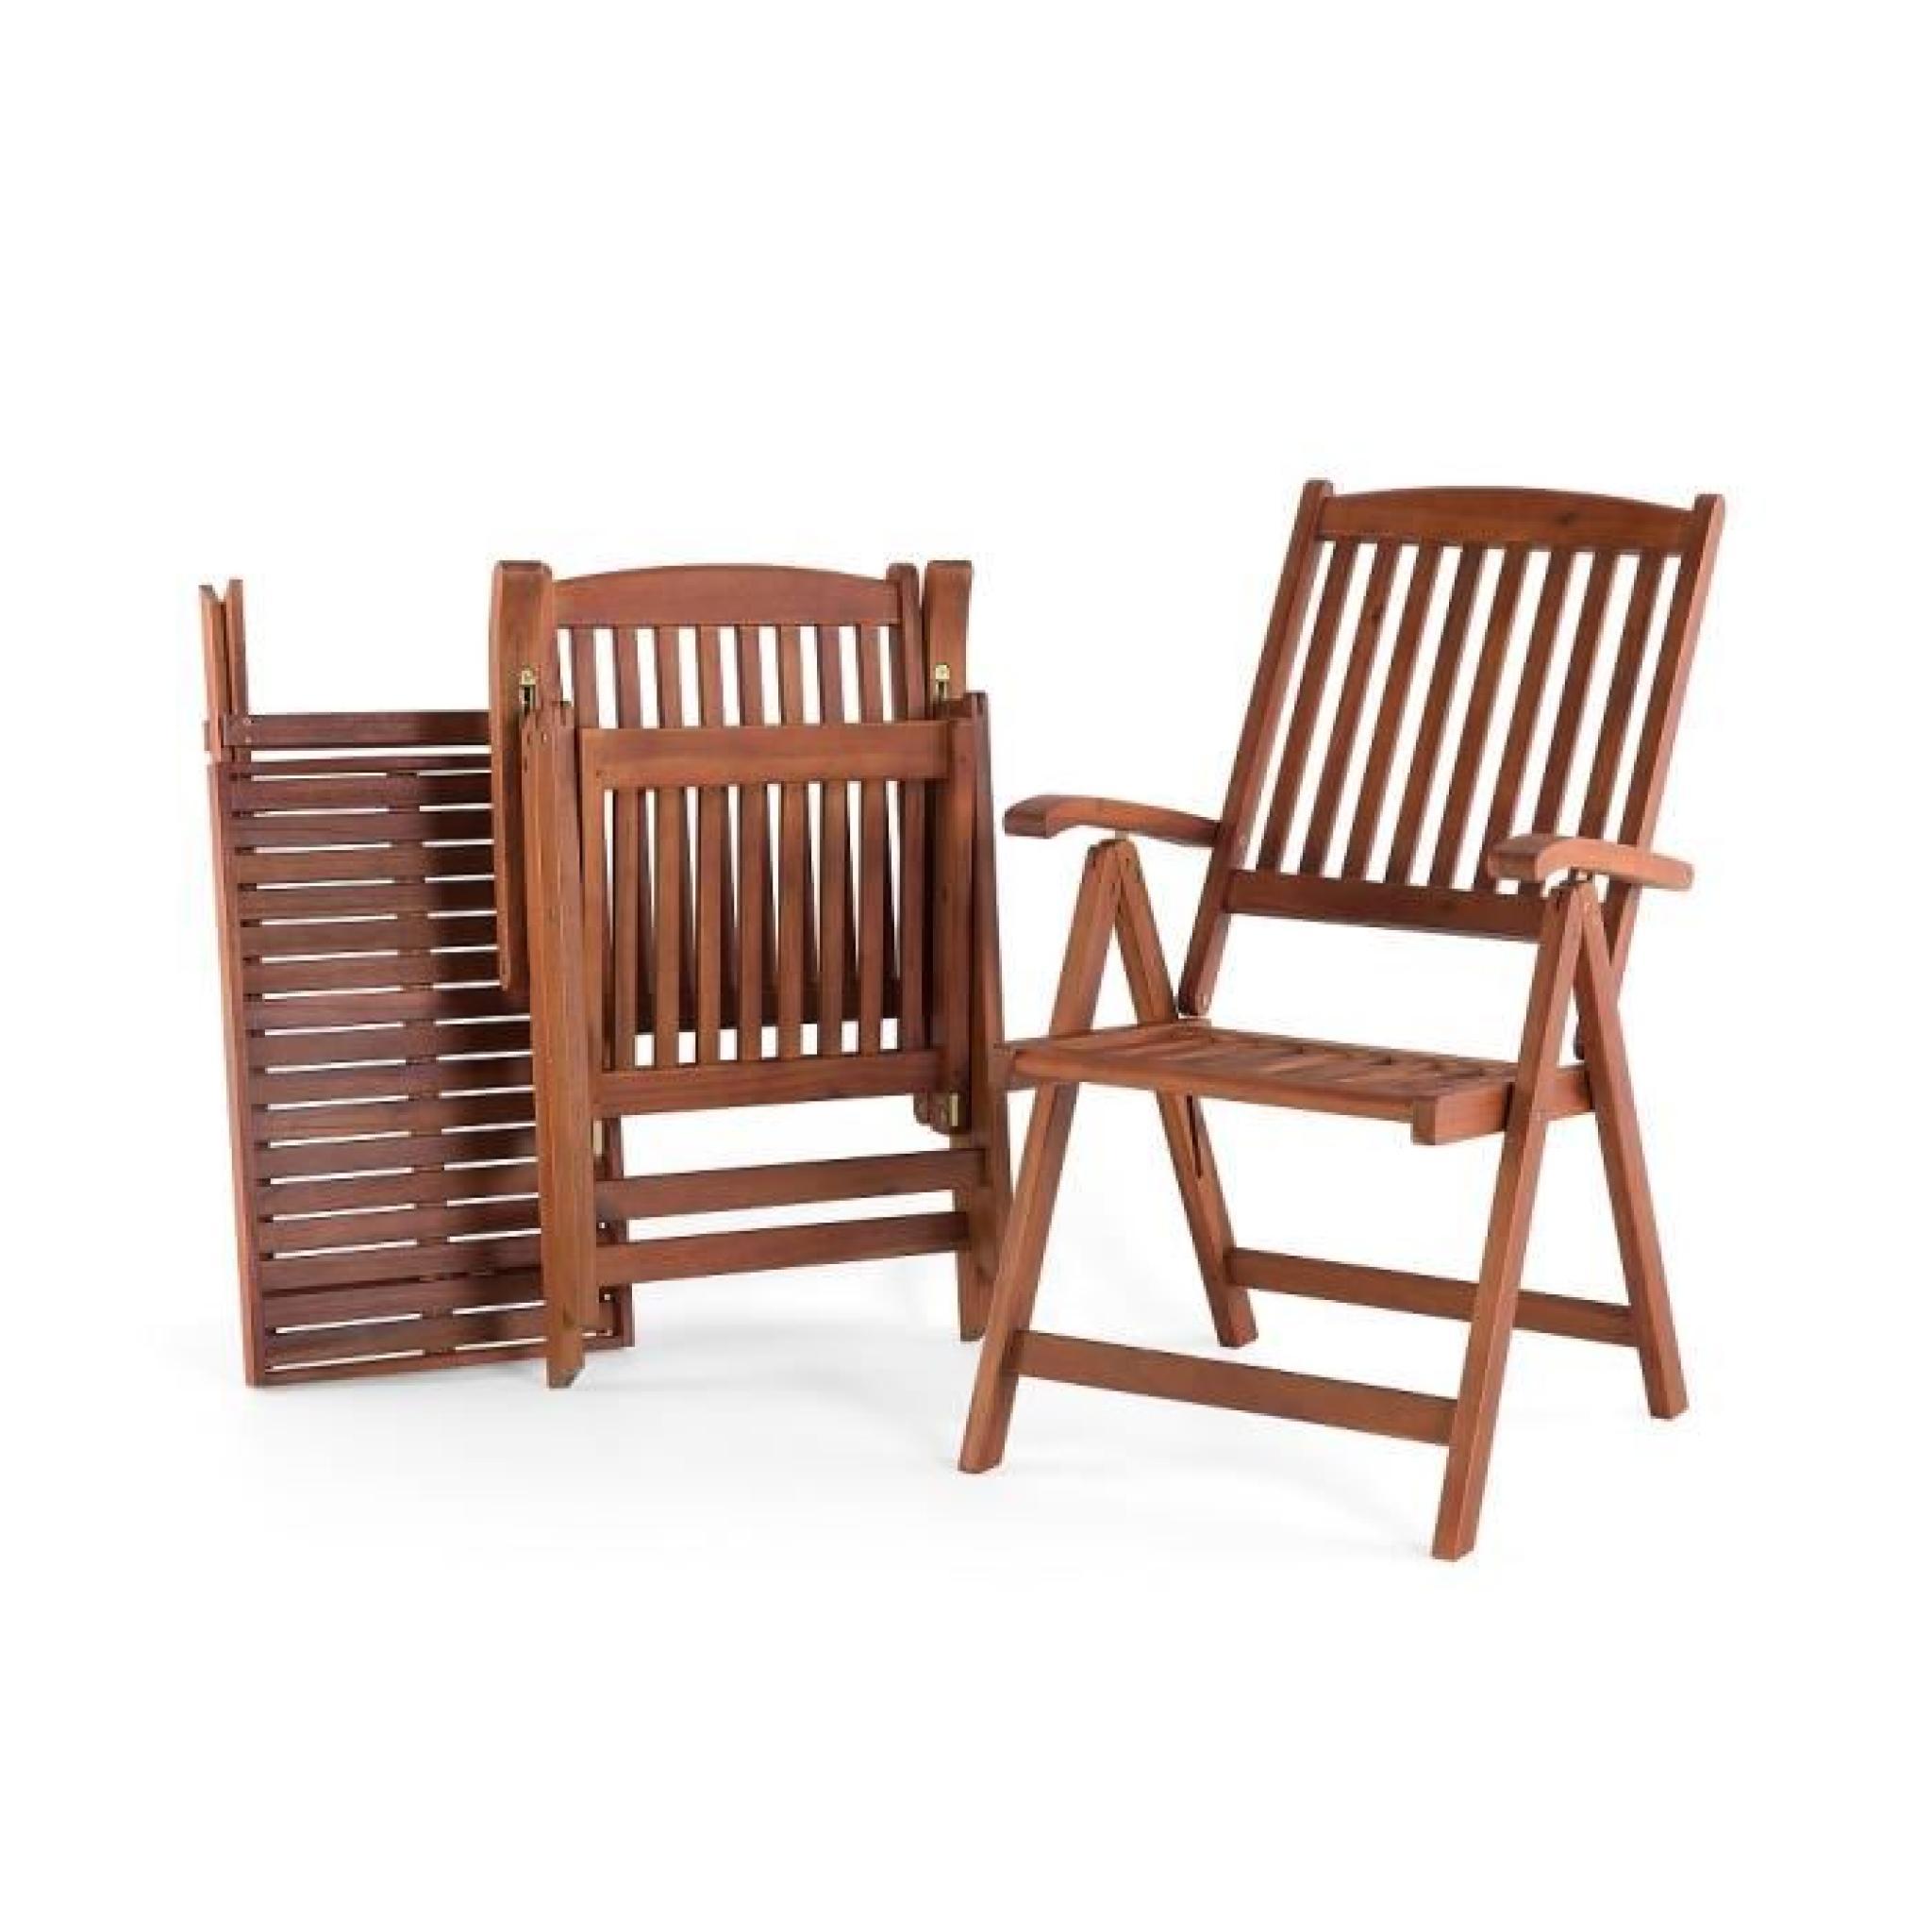 Table et 2 chaises de jardin en bois avec coussins beiges - Toscana ...